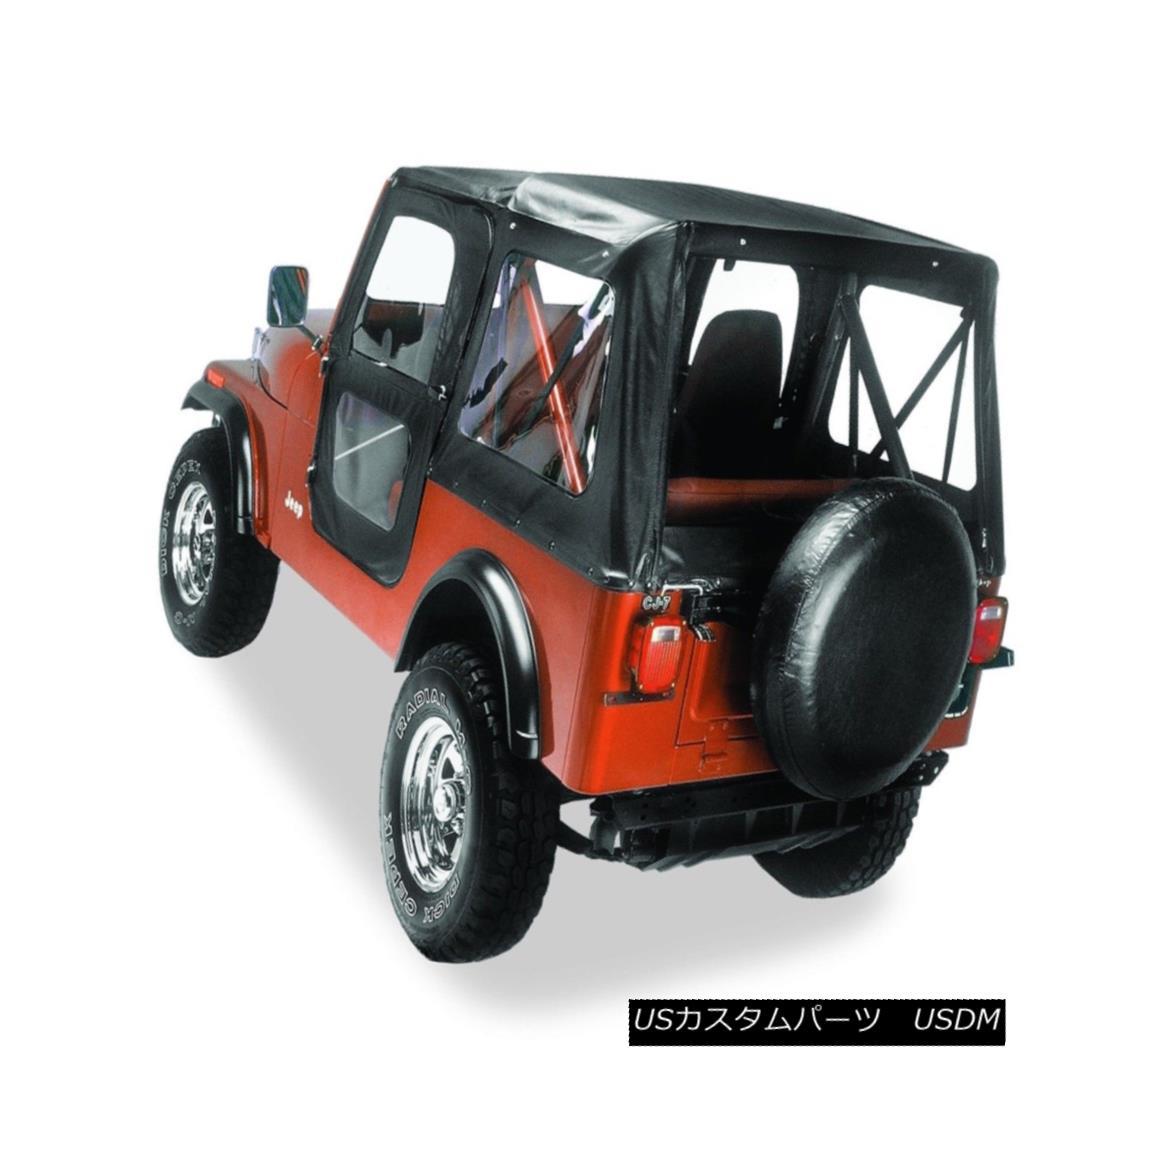 幌・ソフトトップ Bestop 51118-01 Replace-A-Top Soft Top Fits 76-86 CJ7 Bestop 51118-01交換用トップソフトトップフィット76-86 CJ7